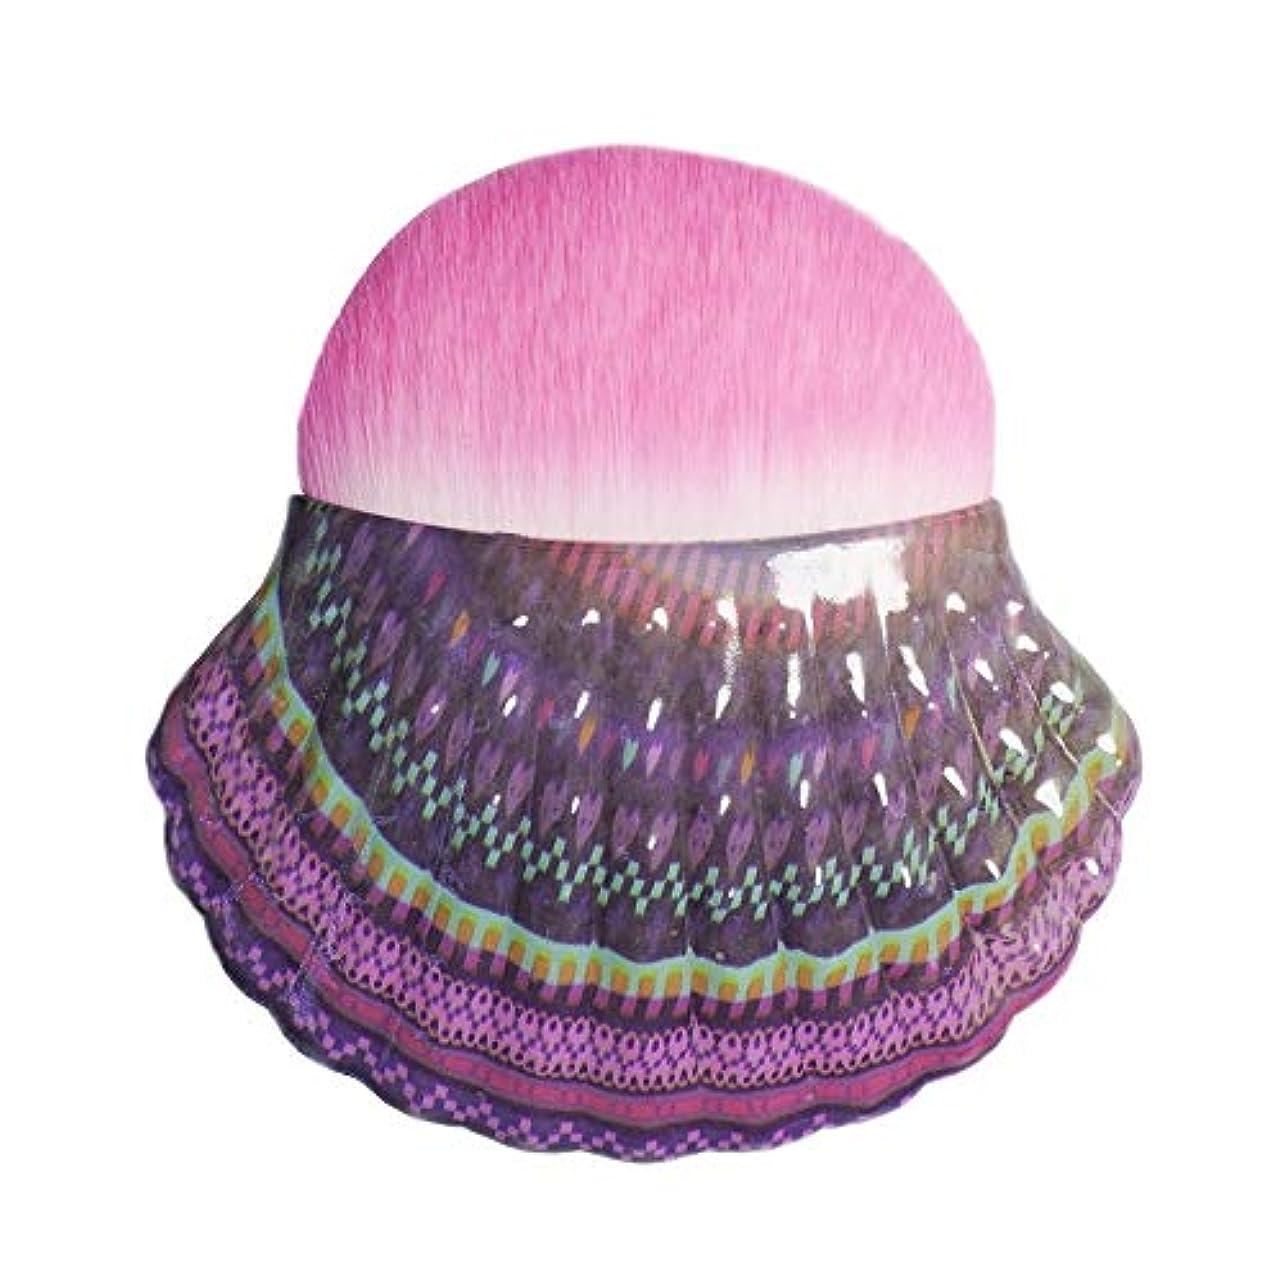 絶滅させる勃起立方体Makeup brushes 化粧シングルシェル赤面ブラシ化粧ブラシツールポータブル多機能化粧ブラシ、ピンク suits (Color : Pink Gradient)